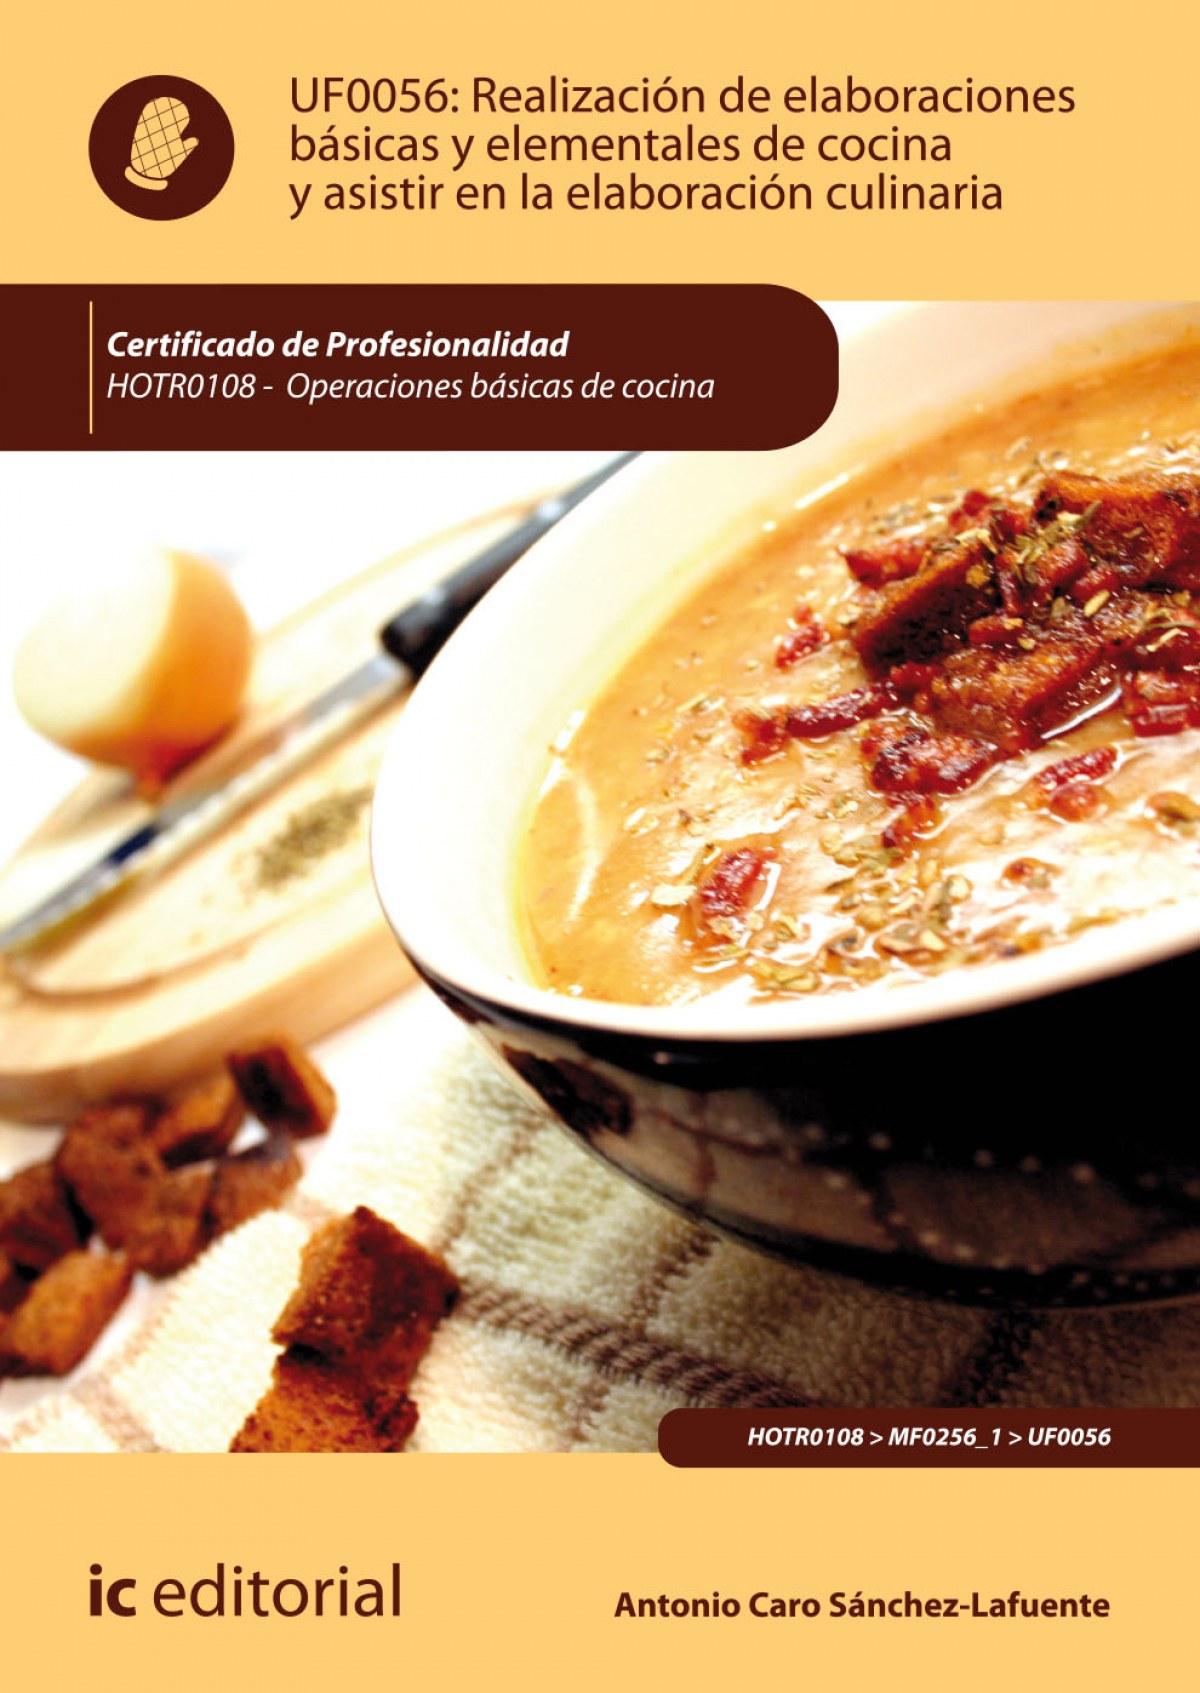 Realización de elaboraciones básicas y elementales de cocina y asistir en la elaboración culinaria. HOTR0108 - Operaciones básicas de cocina